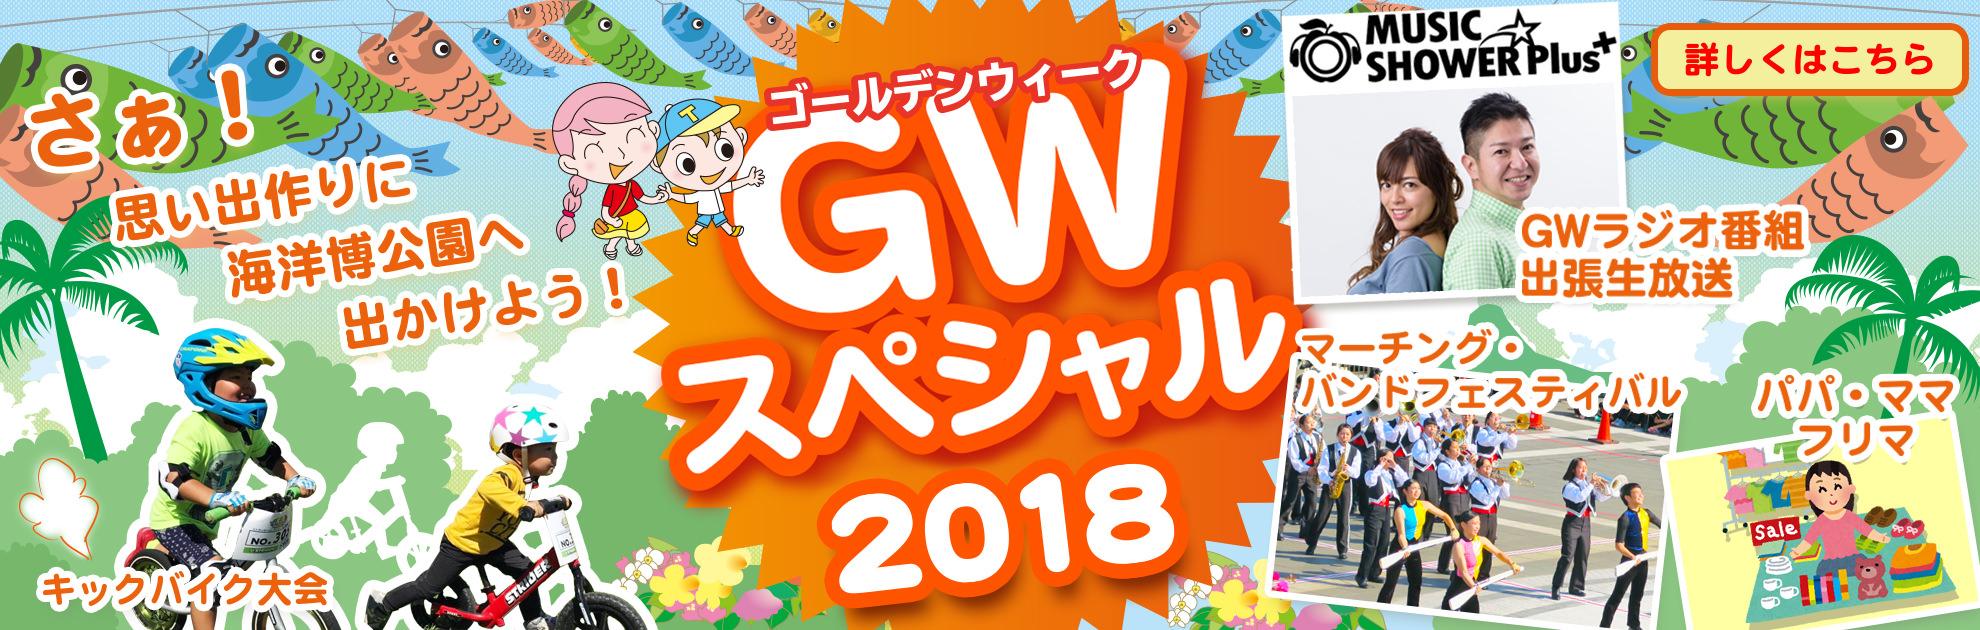 海洋博公園GW特別2018